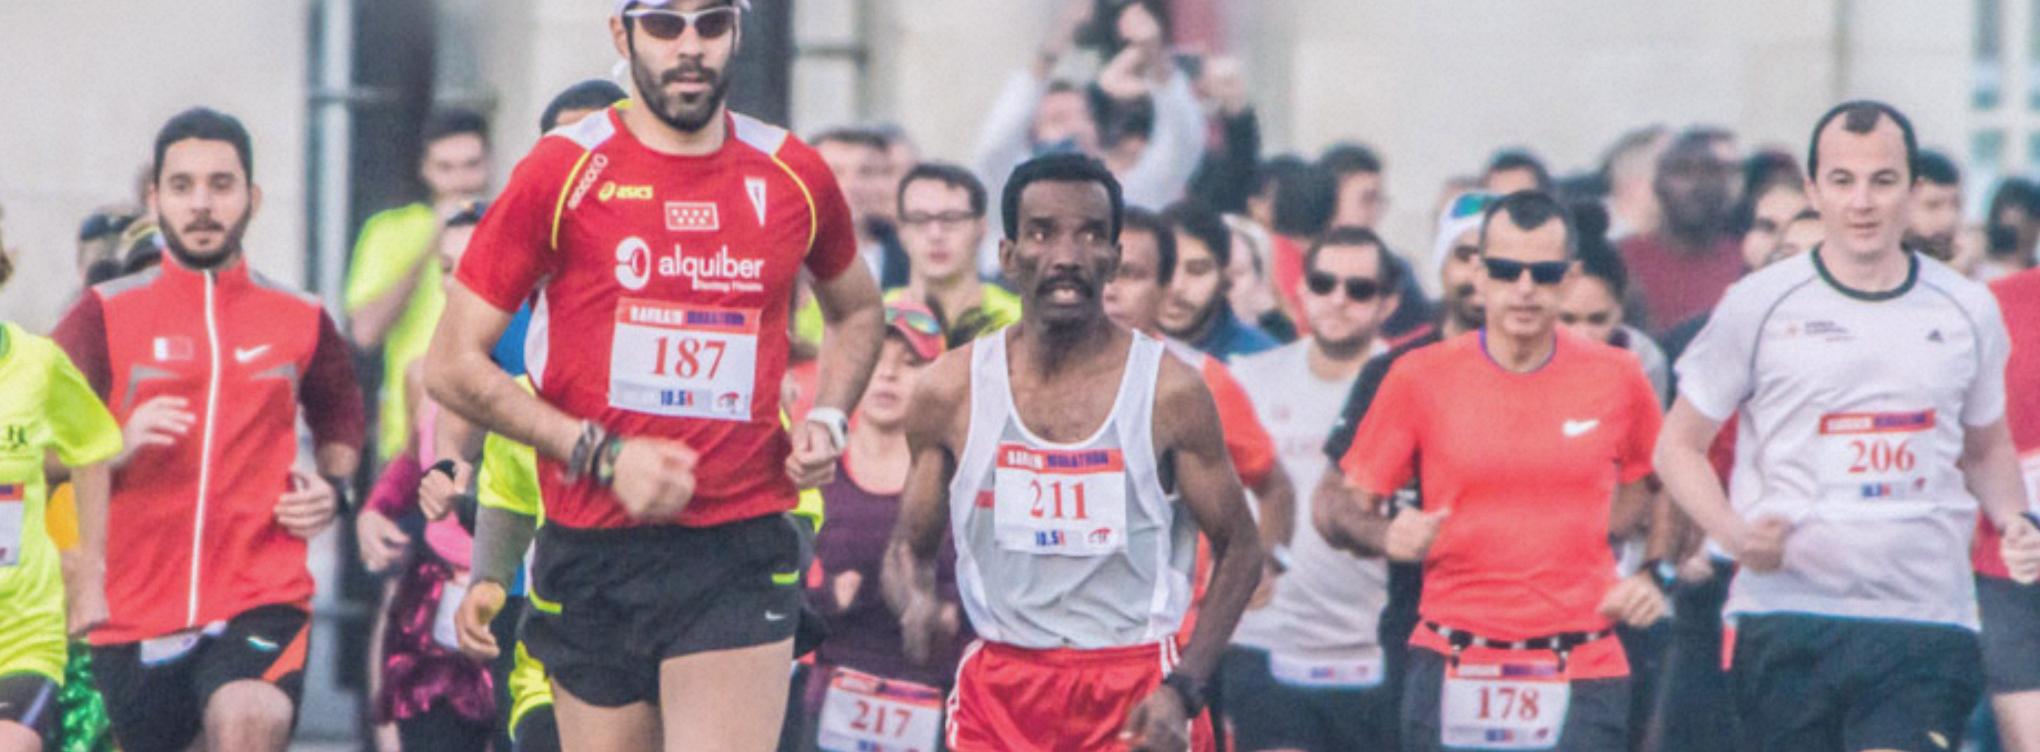 bahrain marathon